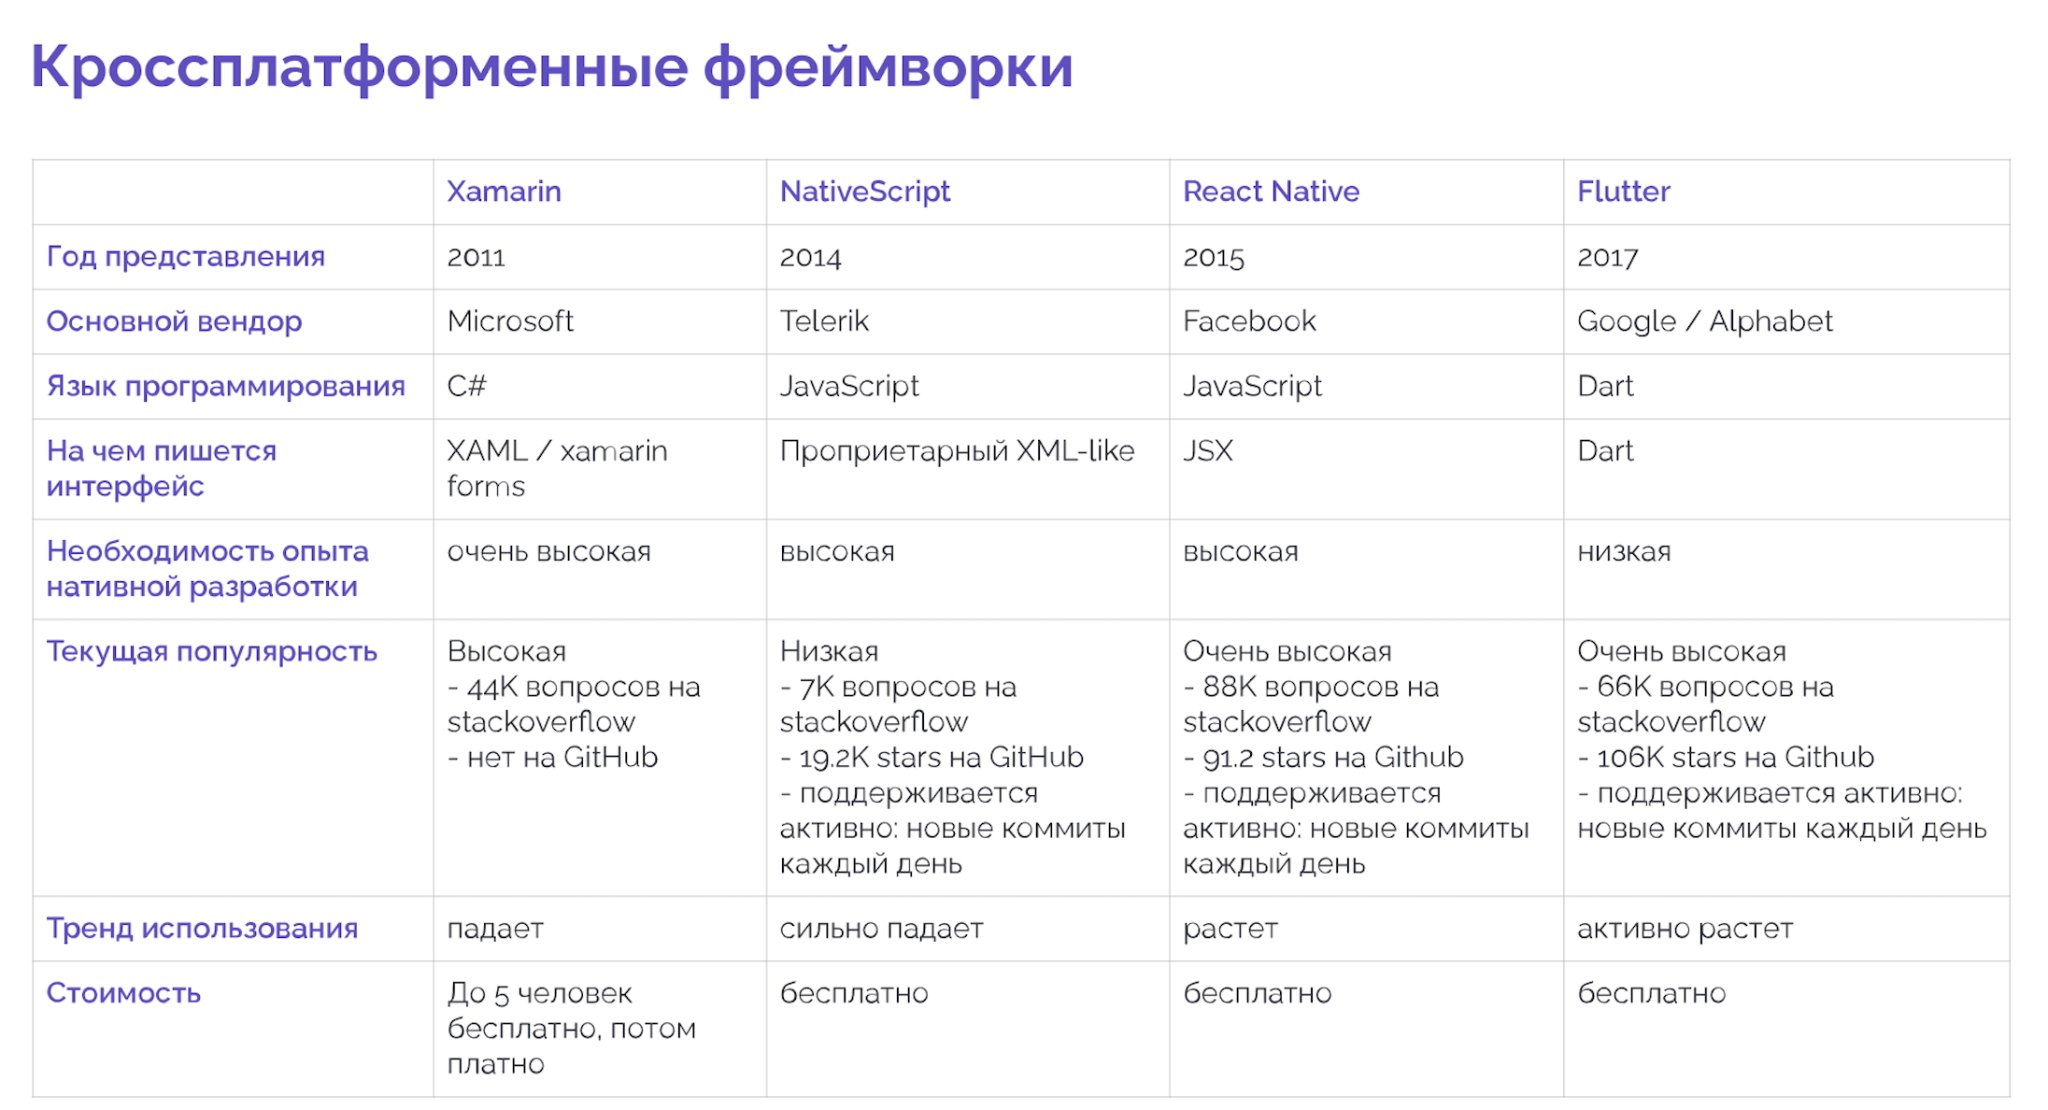 Таблица фреймворков